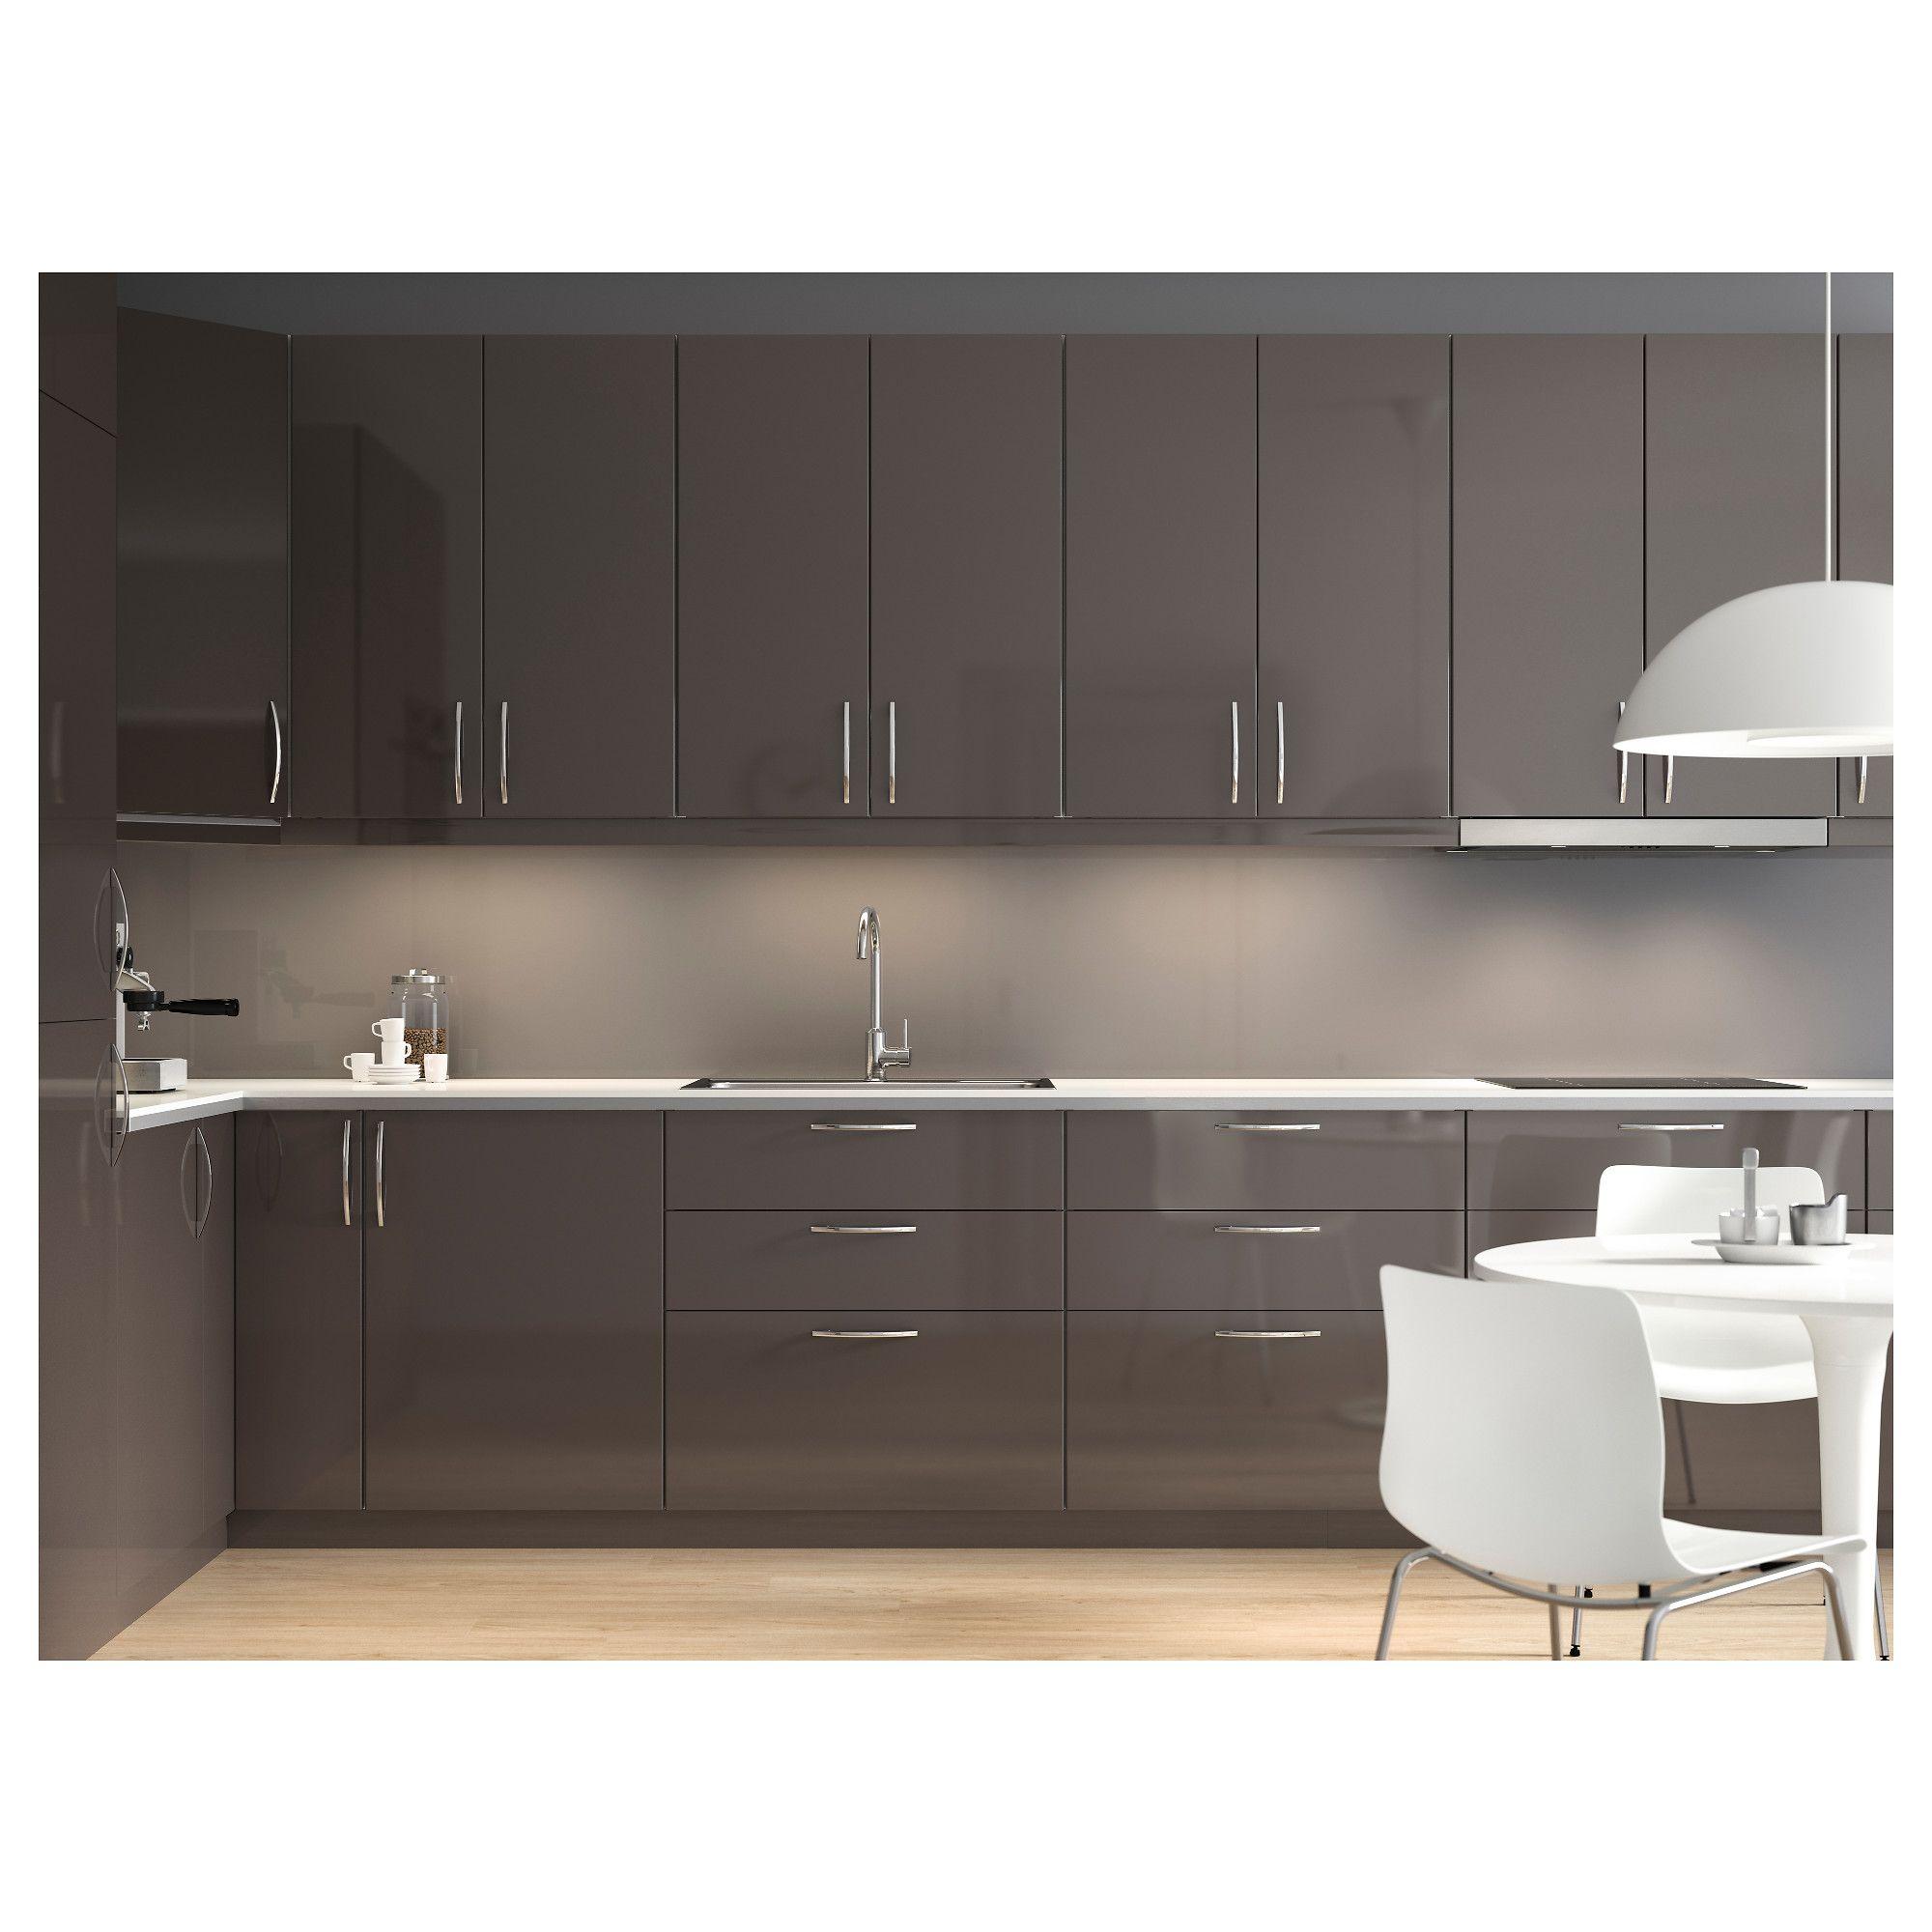 Ikea Kitchen Questions: Black & White Kitchen